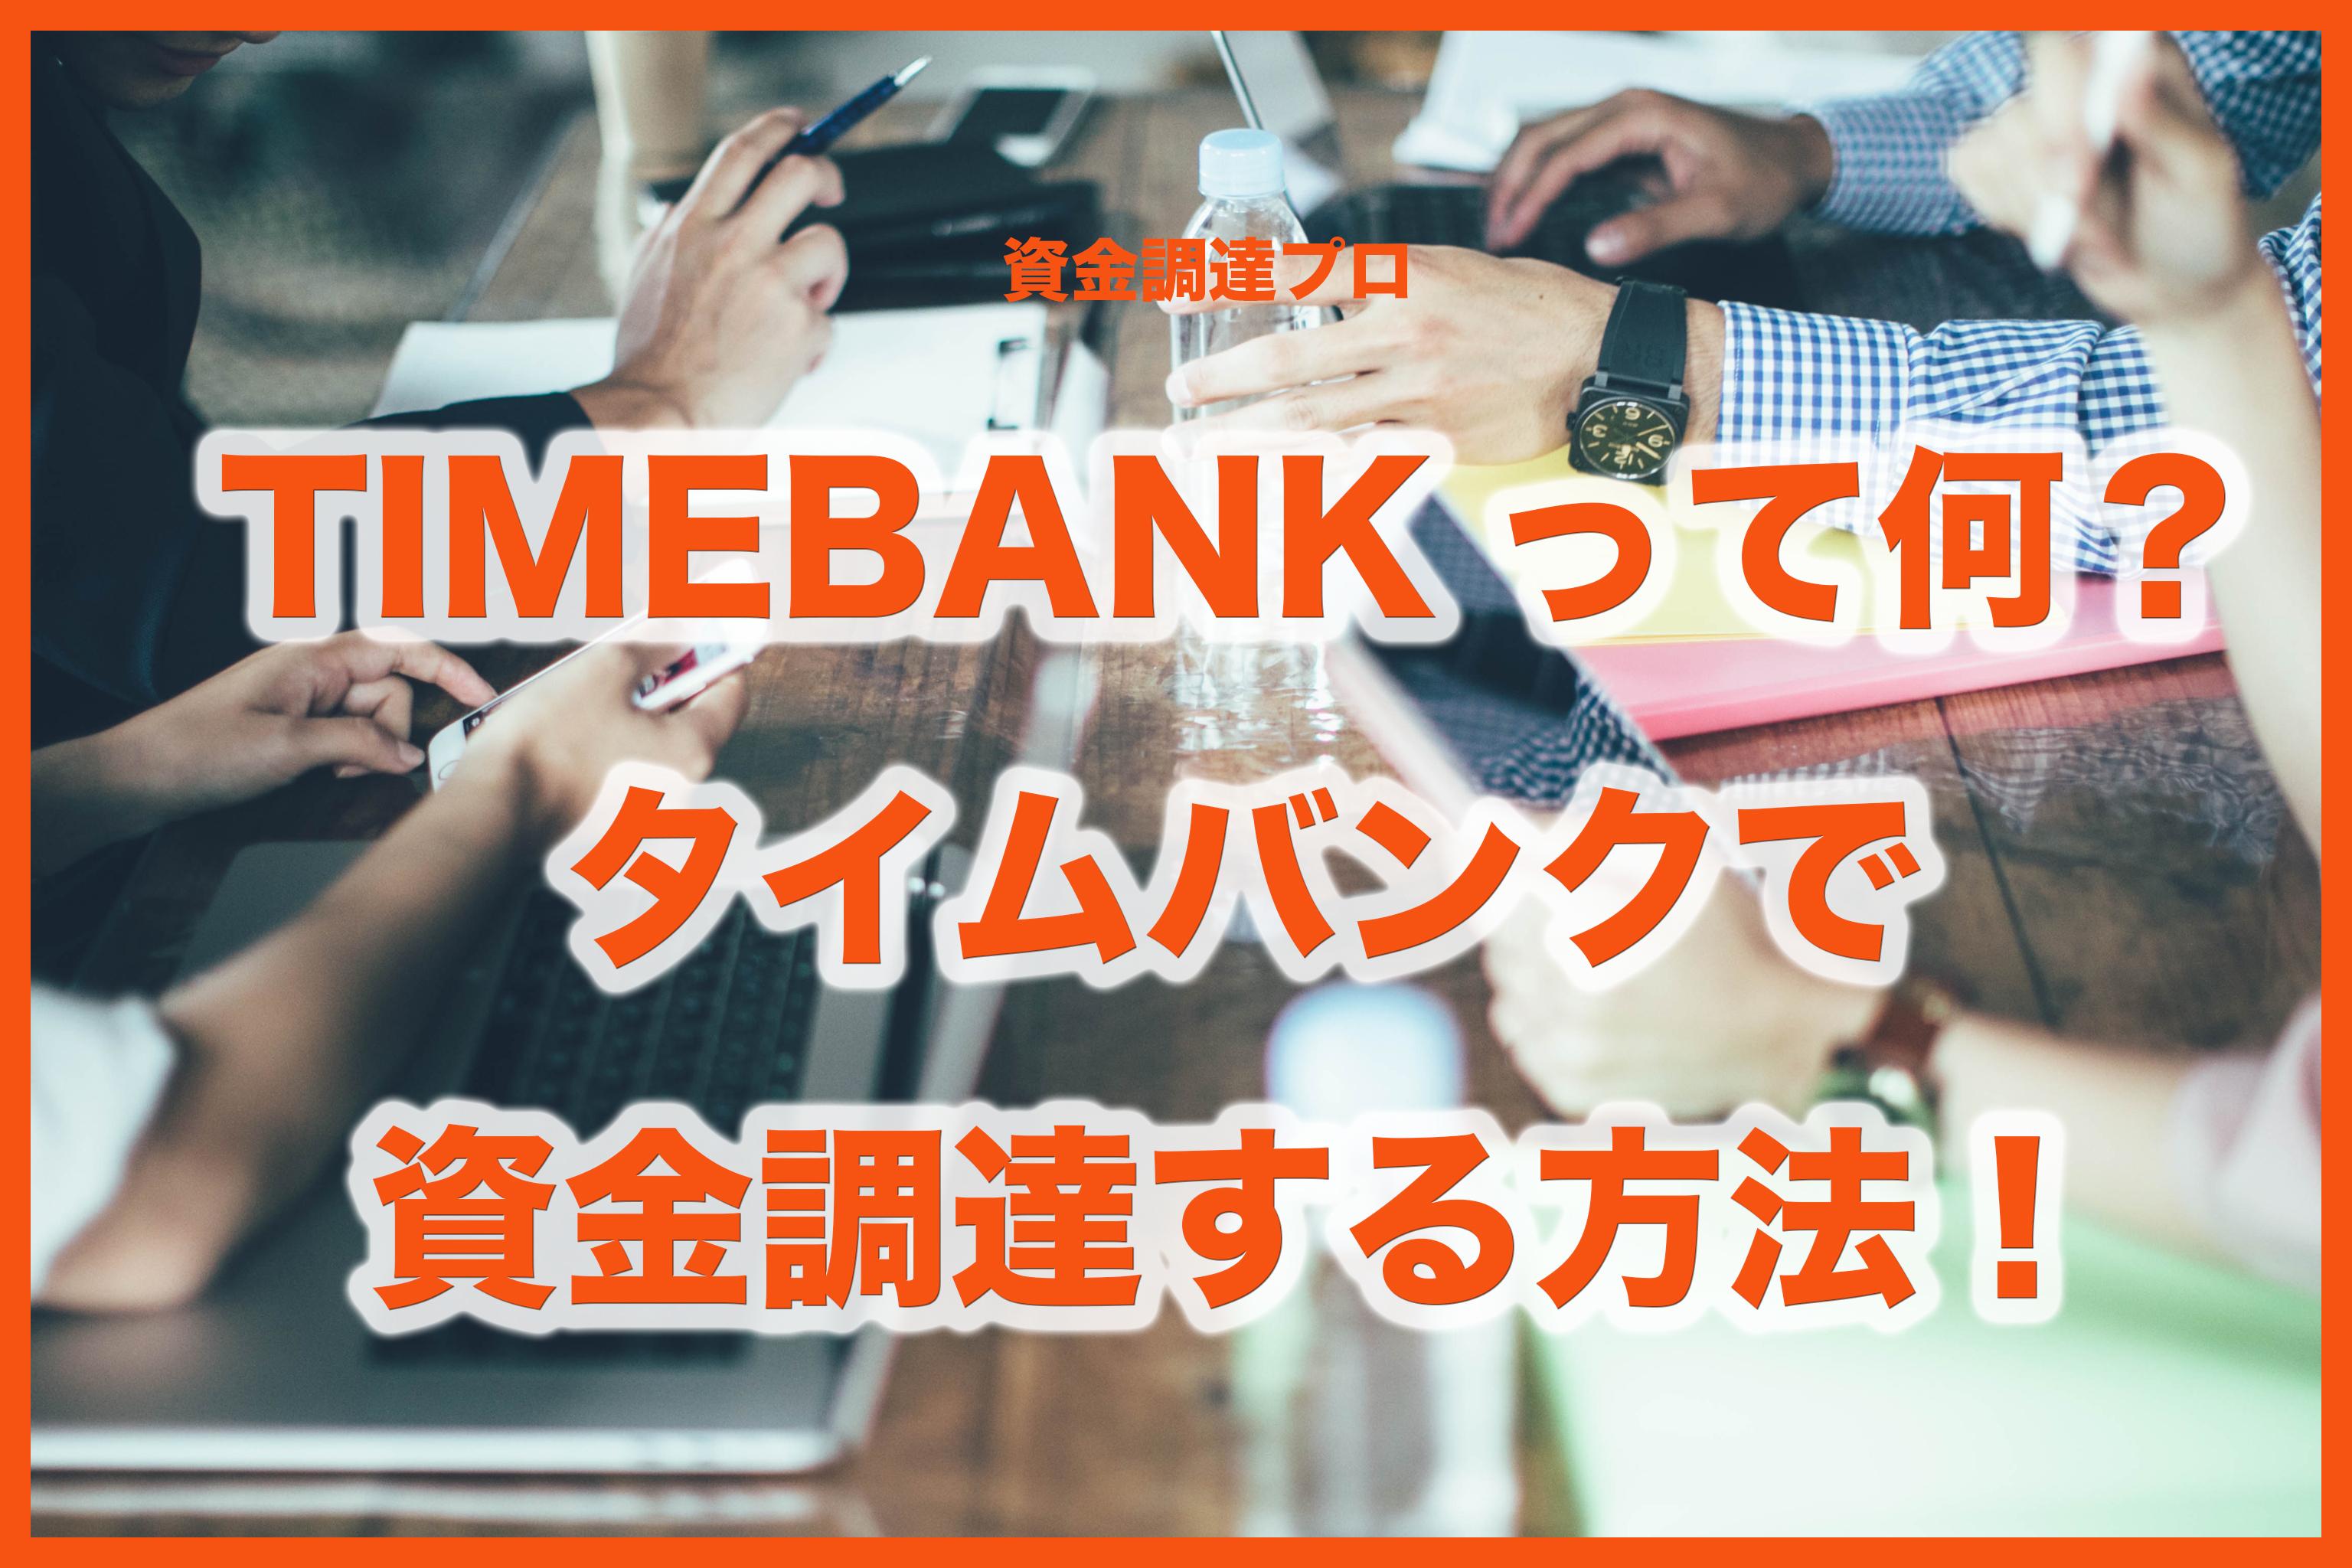 TIMEBANK(タイムバンク)って何?タイムバンクで資金調達する方法!